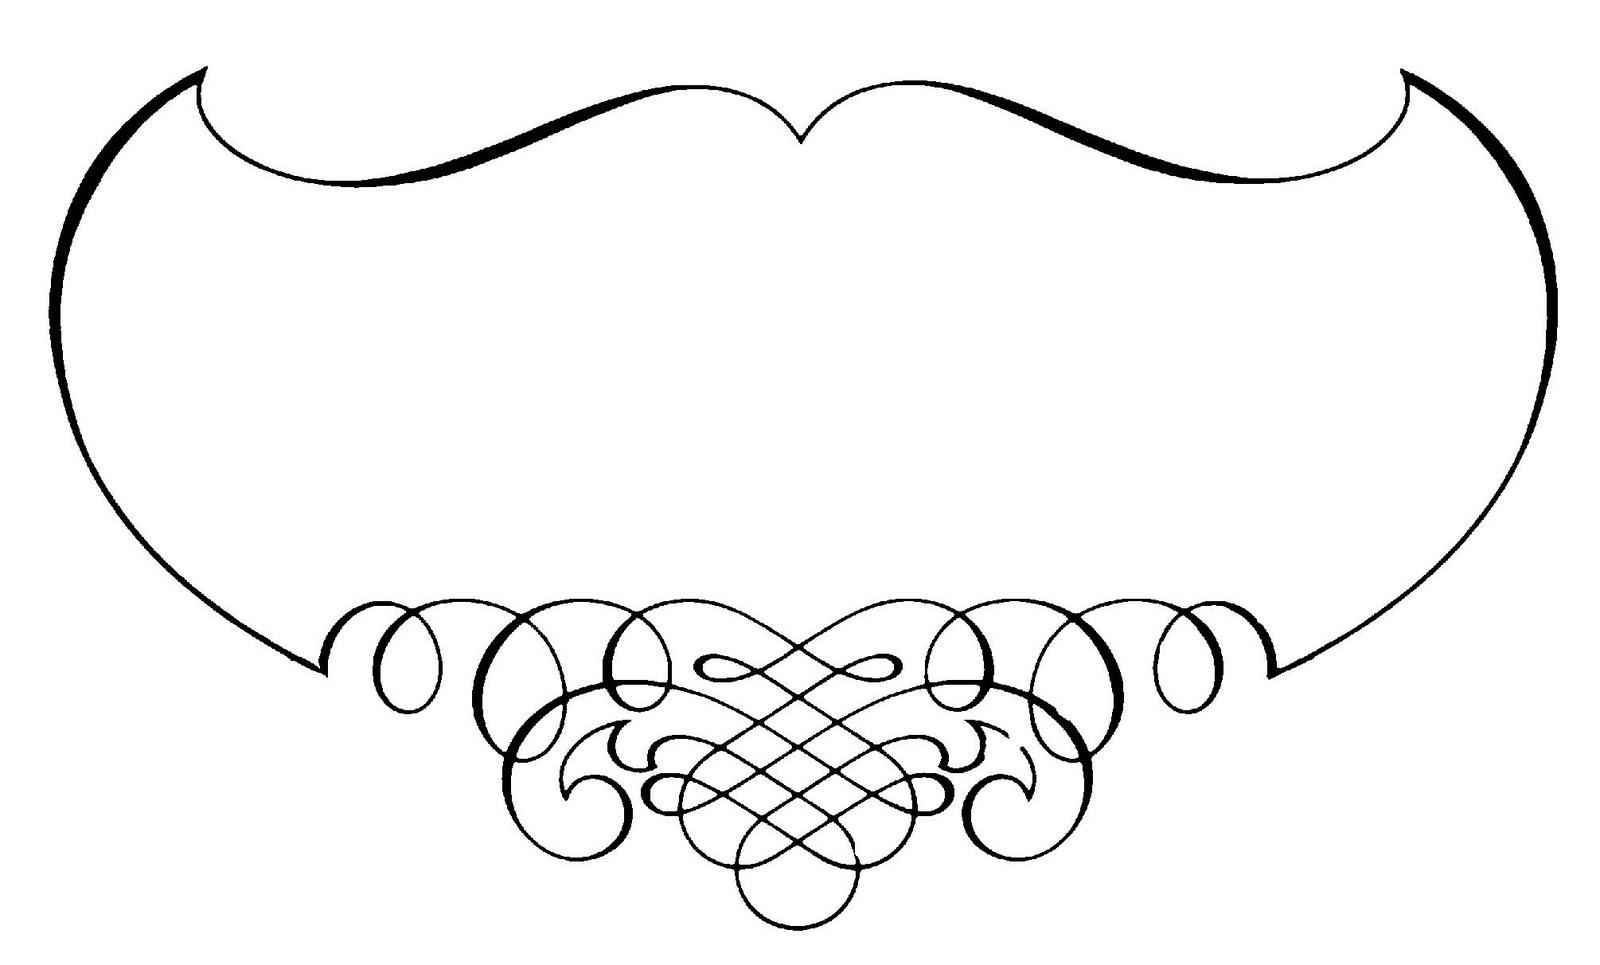 Clip Art Symbols Elegant Borders Clipart.